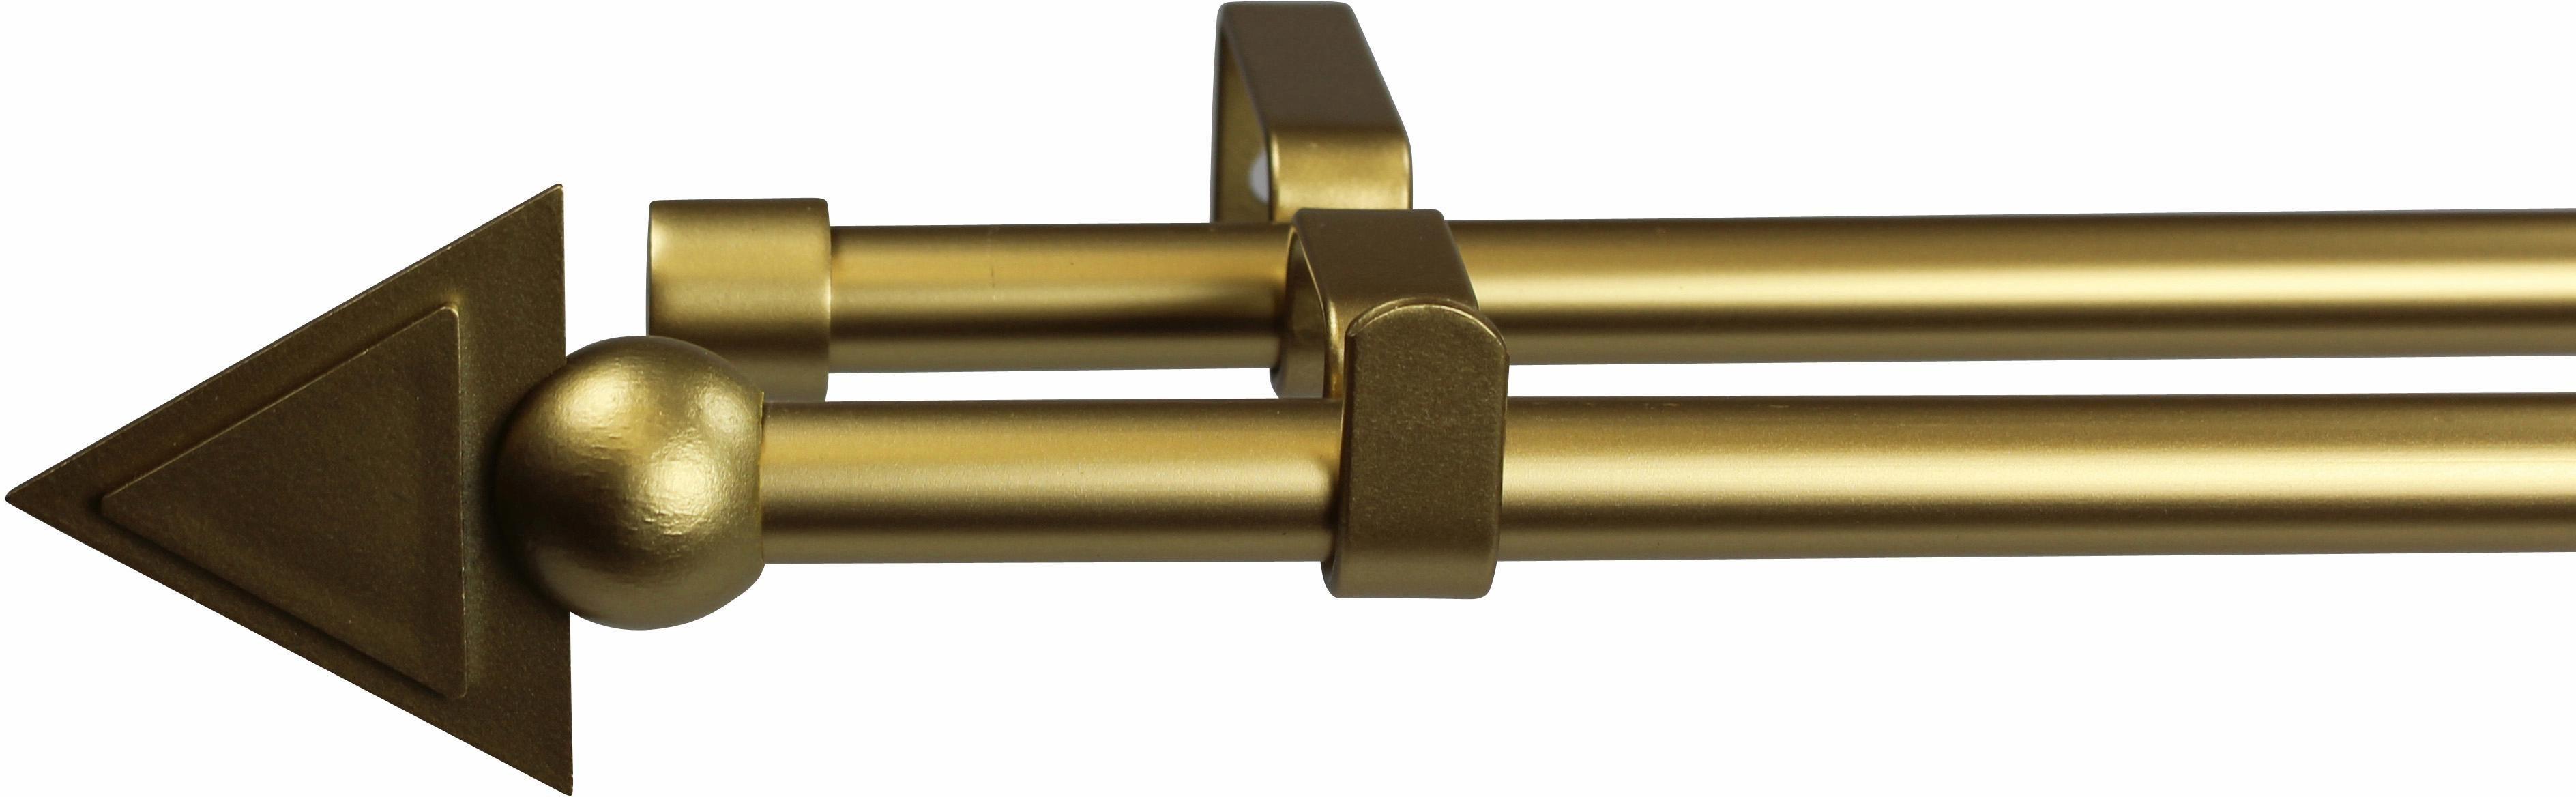 Gardinenstange 16 mm Pyra, ohne Ringe, nach Maß | Heimtextilien > Gardinen und Vorhänge > Gardinenstangen | GARESA